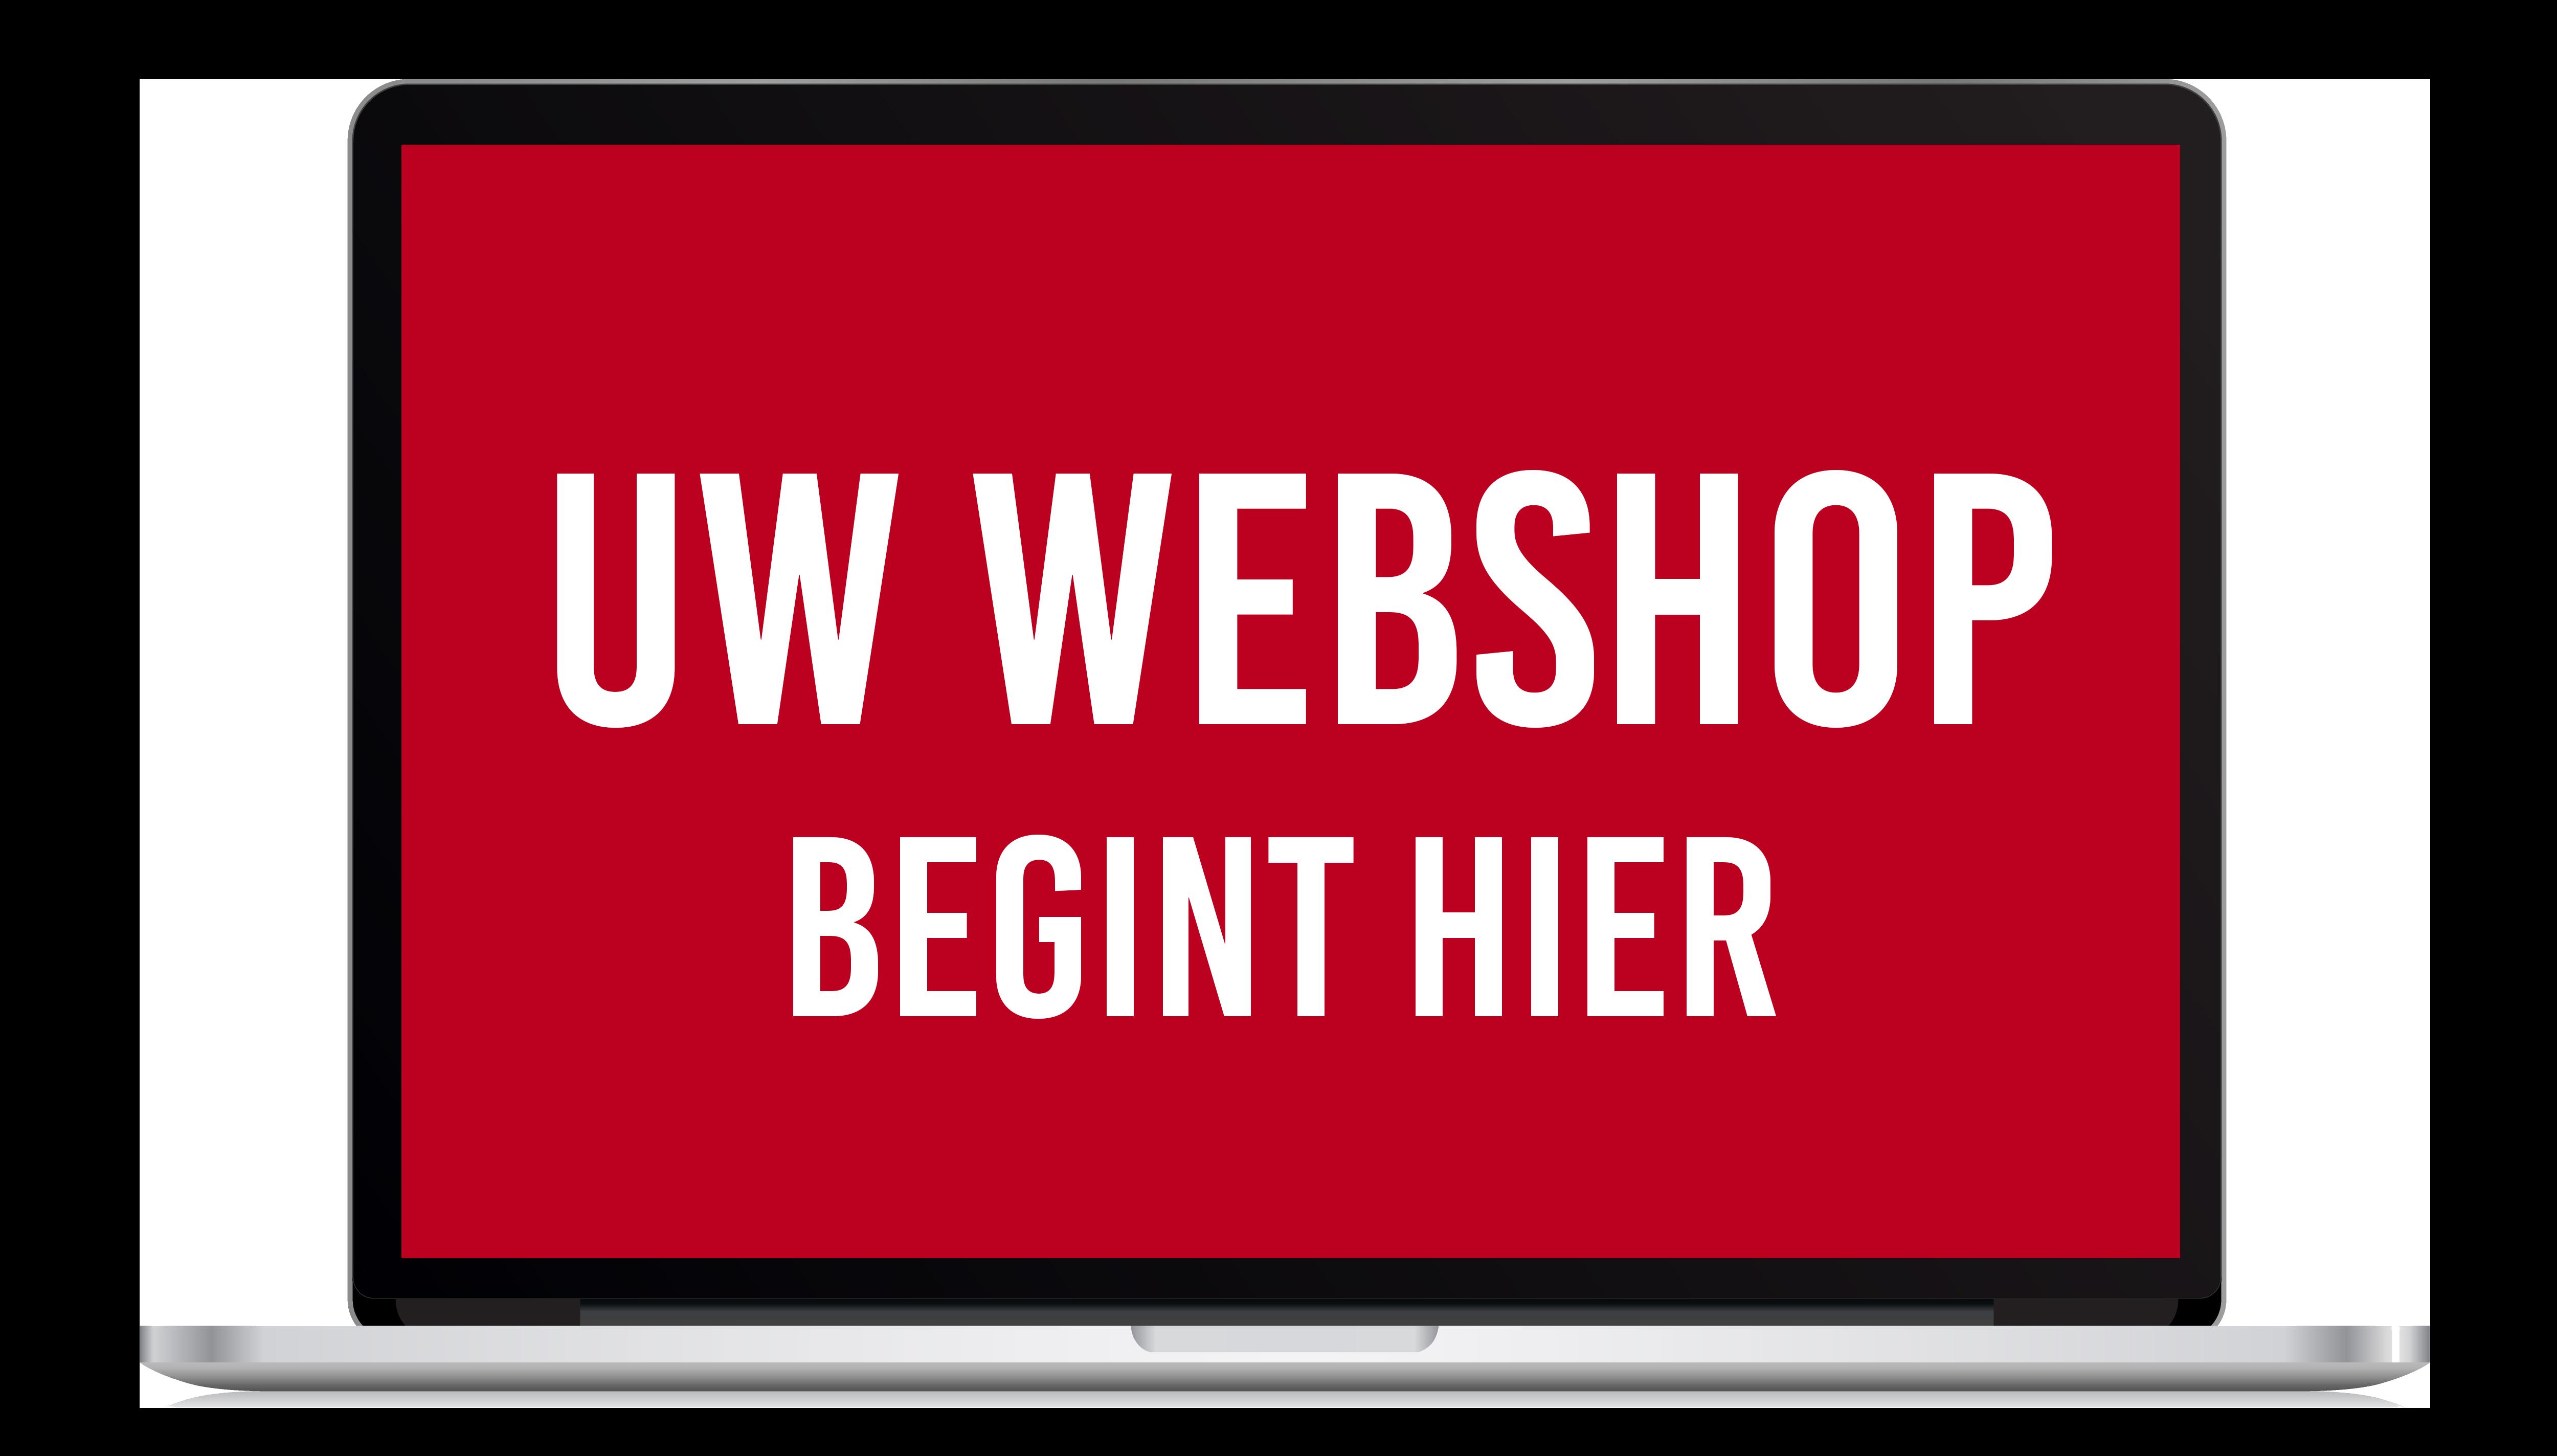 Uw Webshop begint hier